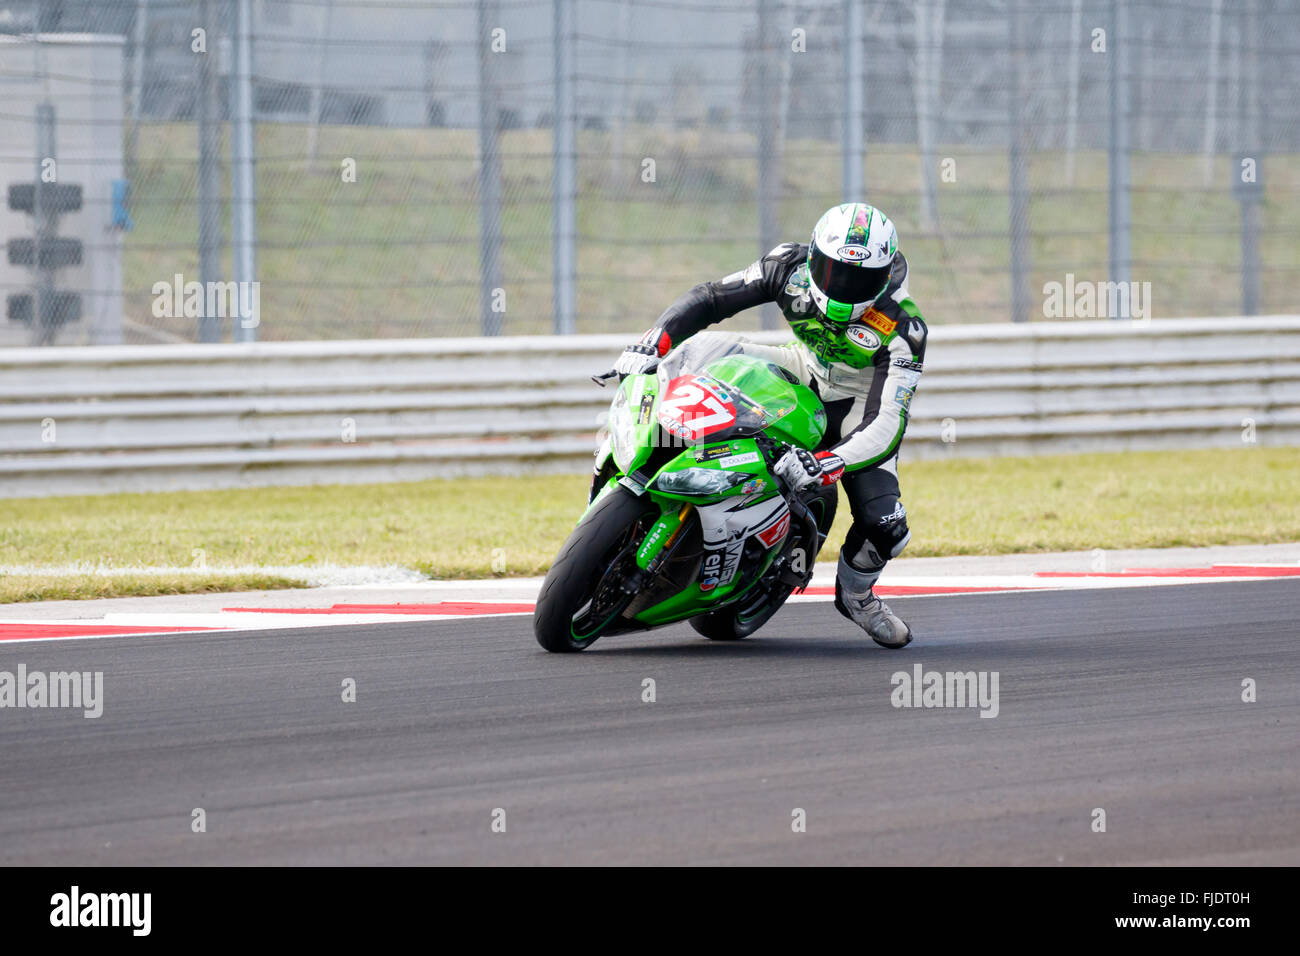 Misano Adriatico, Italy - June 21, 2015: Kawasaki ZX-10R of Pedercini Team, driven by CECCHINI Riccardo Stock Photo